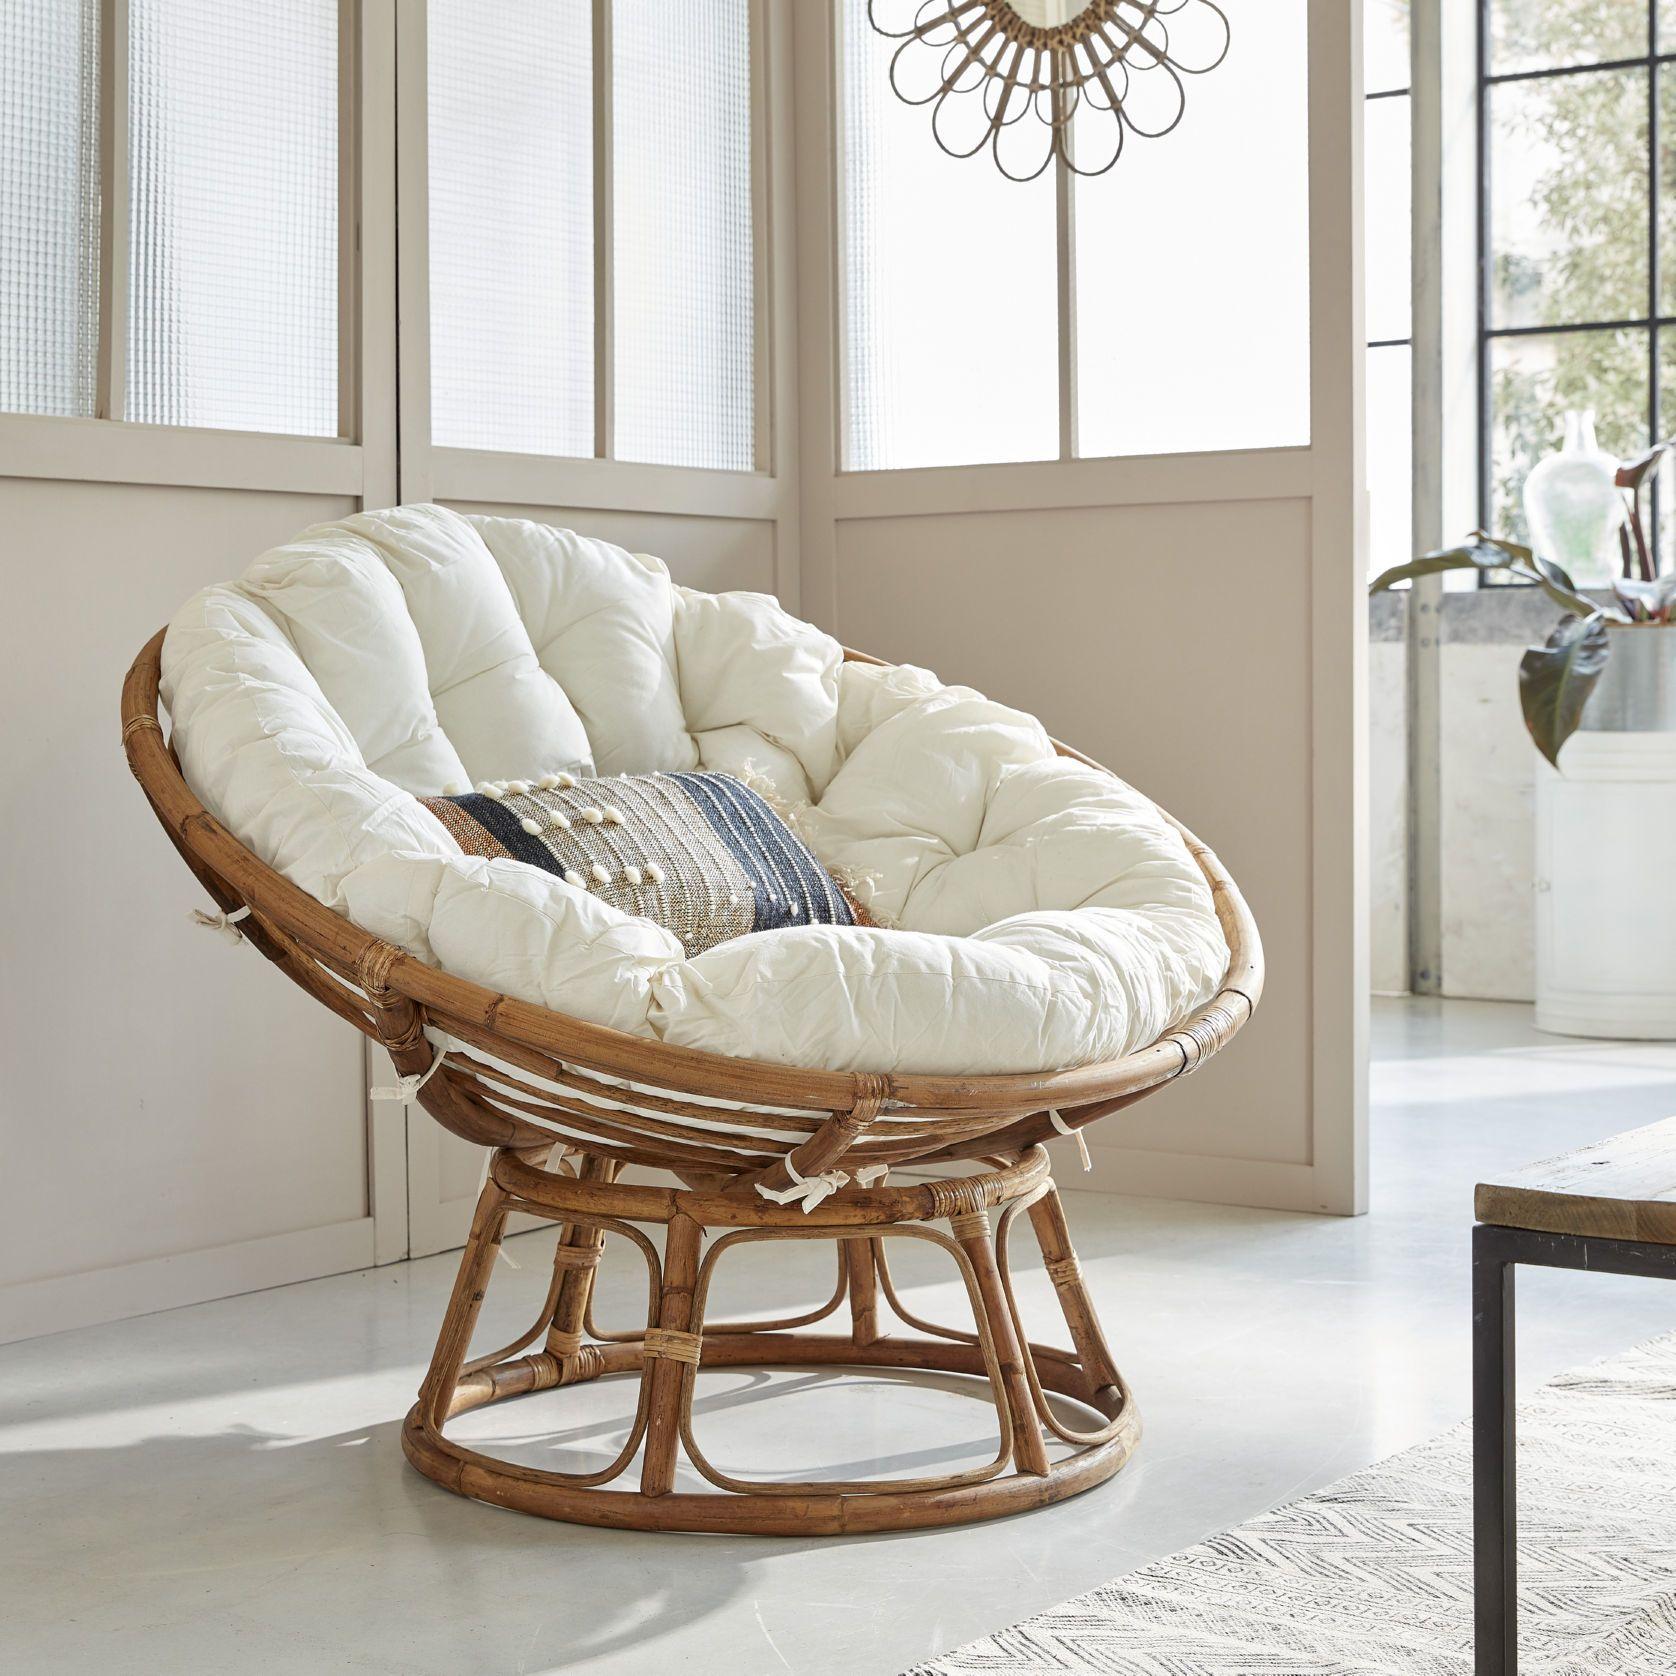 Fauteuil Rond En Rotin Style Loveuse Avec Coussin Fauteuil Rond Mobilier De Salon Fauteuil Rotin